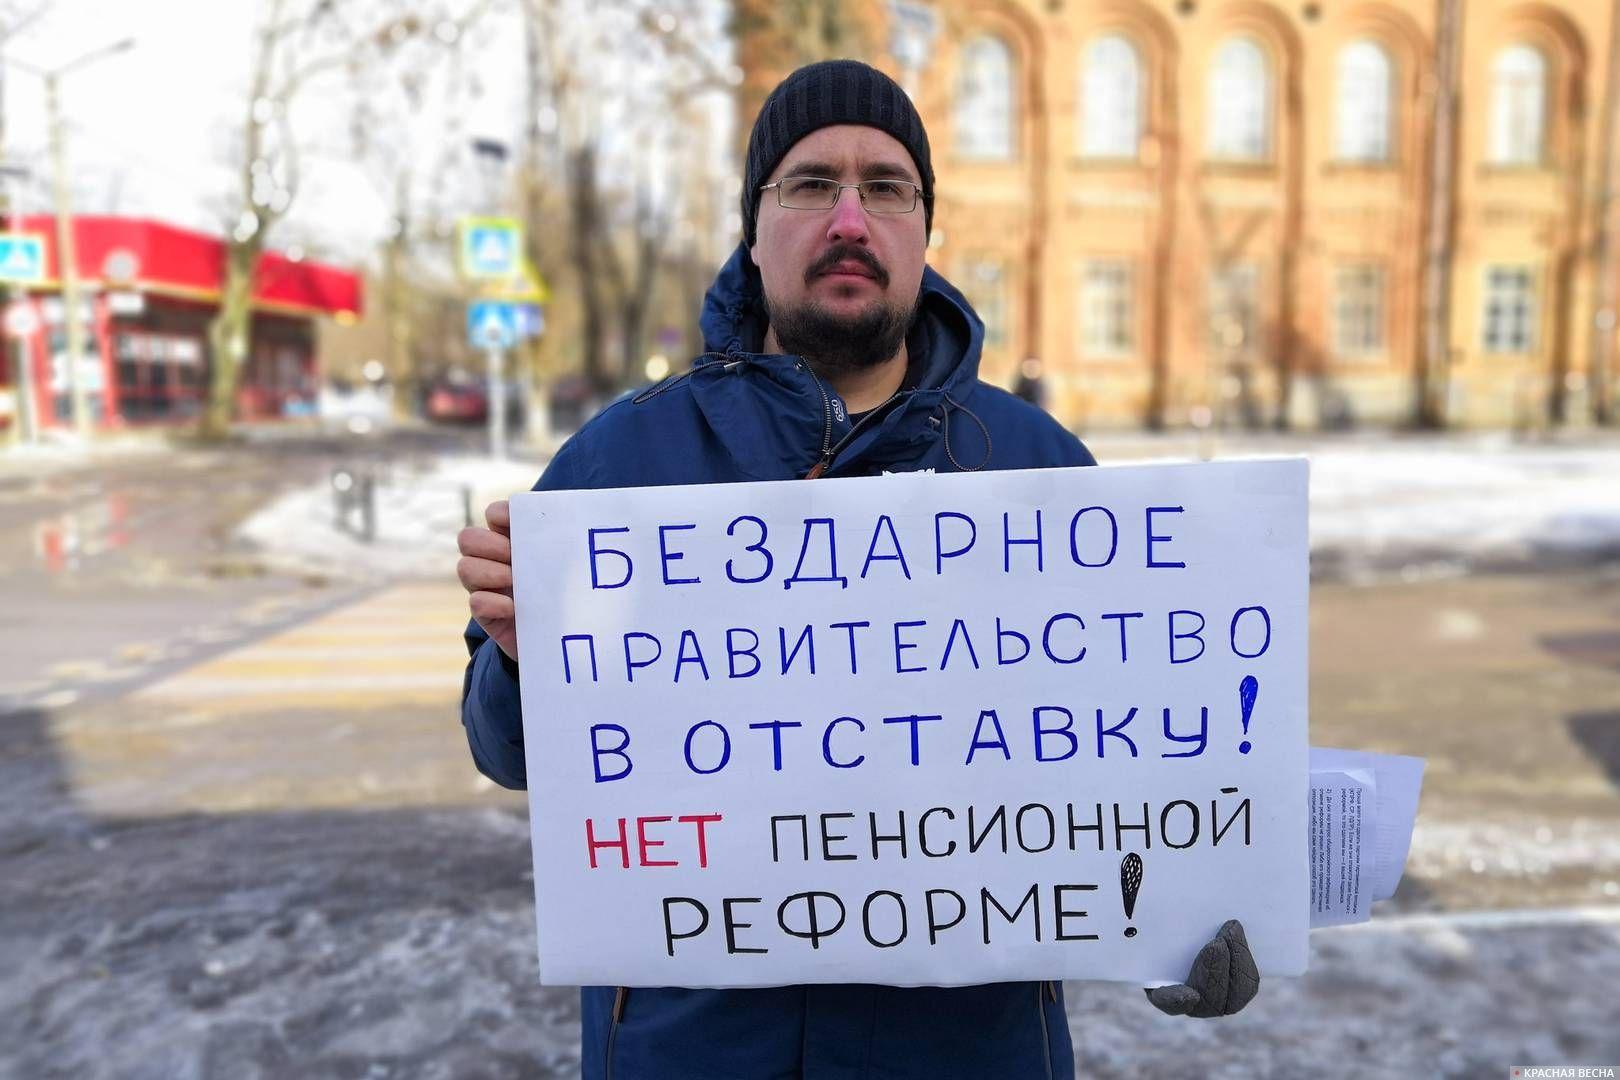 Одиночный пикет в Таганроге против пенсионной реформы, 20.01.19